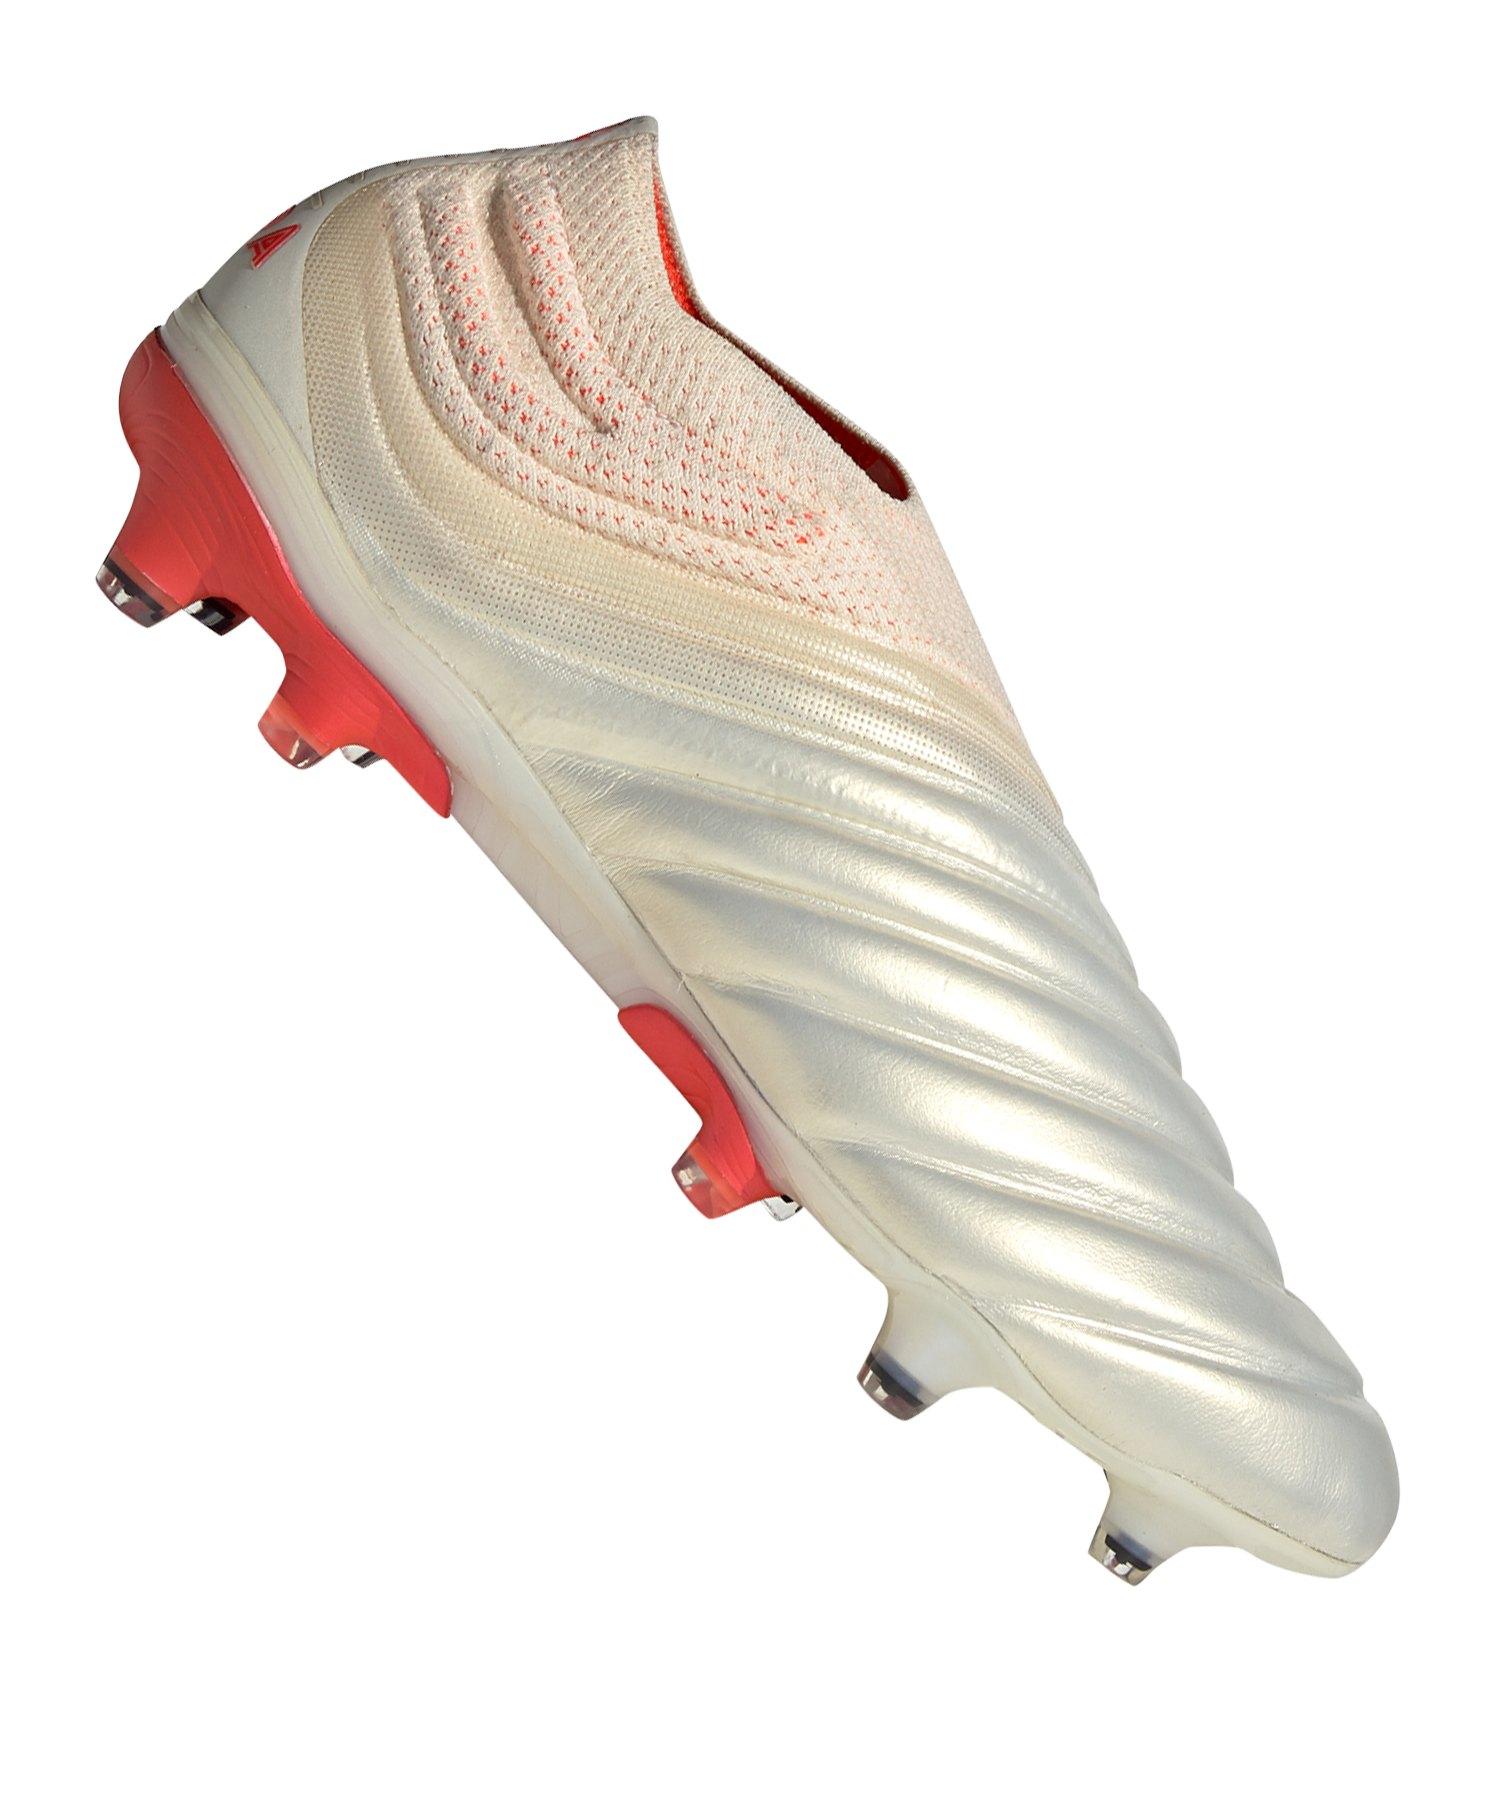 promo code bbbb0 d51a9 adidas COPA 19+ FG Weiss Rot  Fussballschuhe  Rasen  Ballgefühl  Nocken   10107563